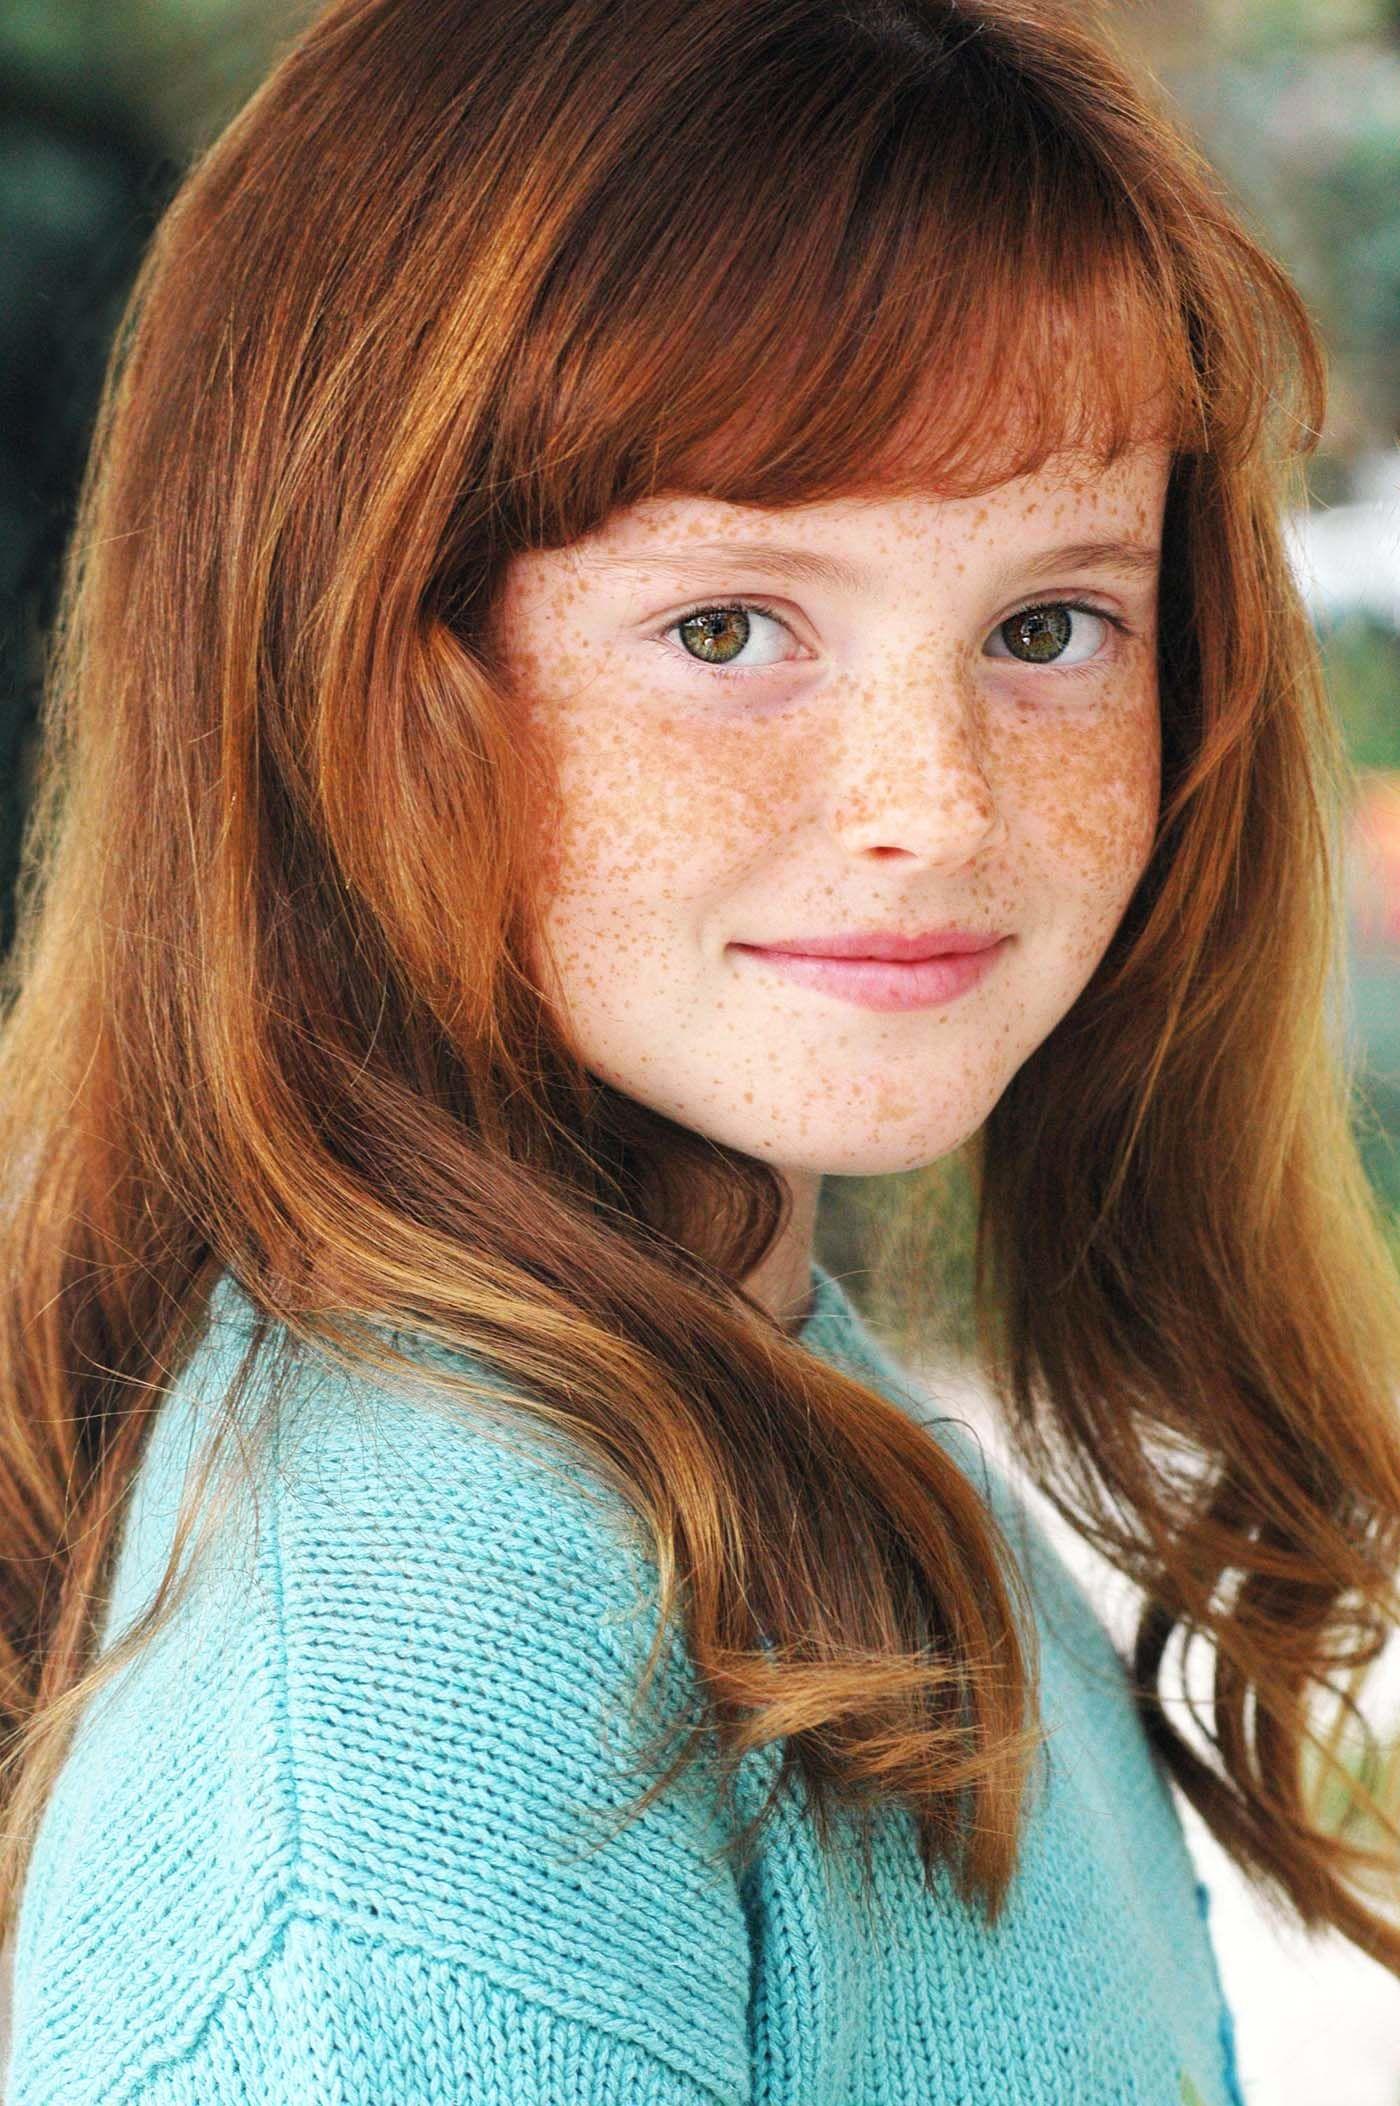 Tiny redhead se